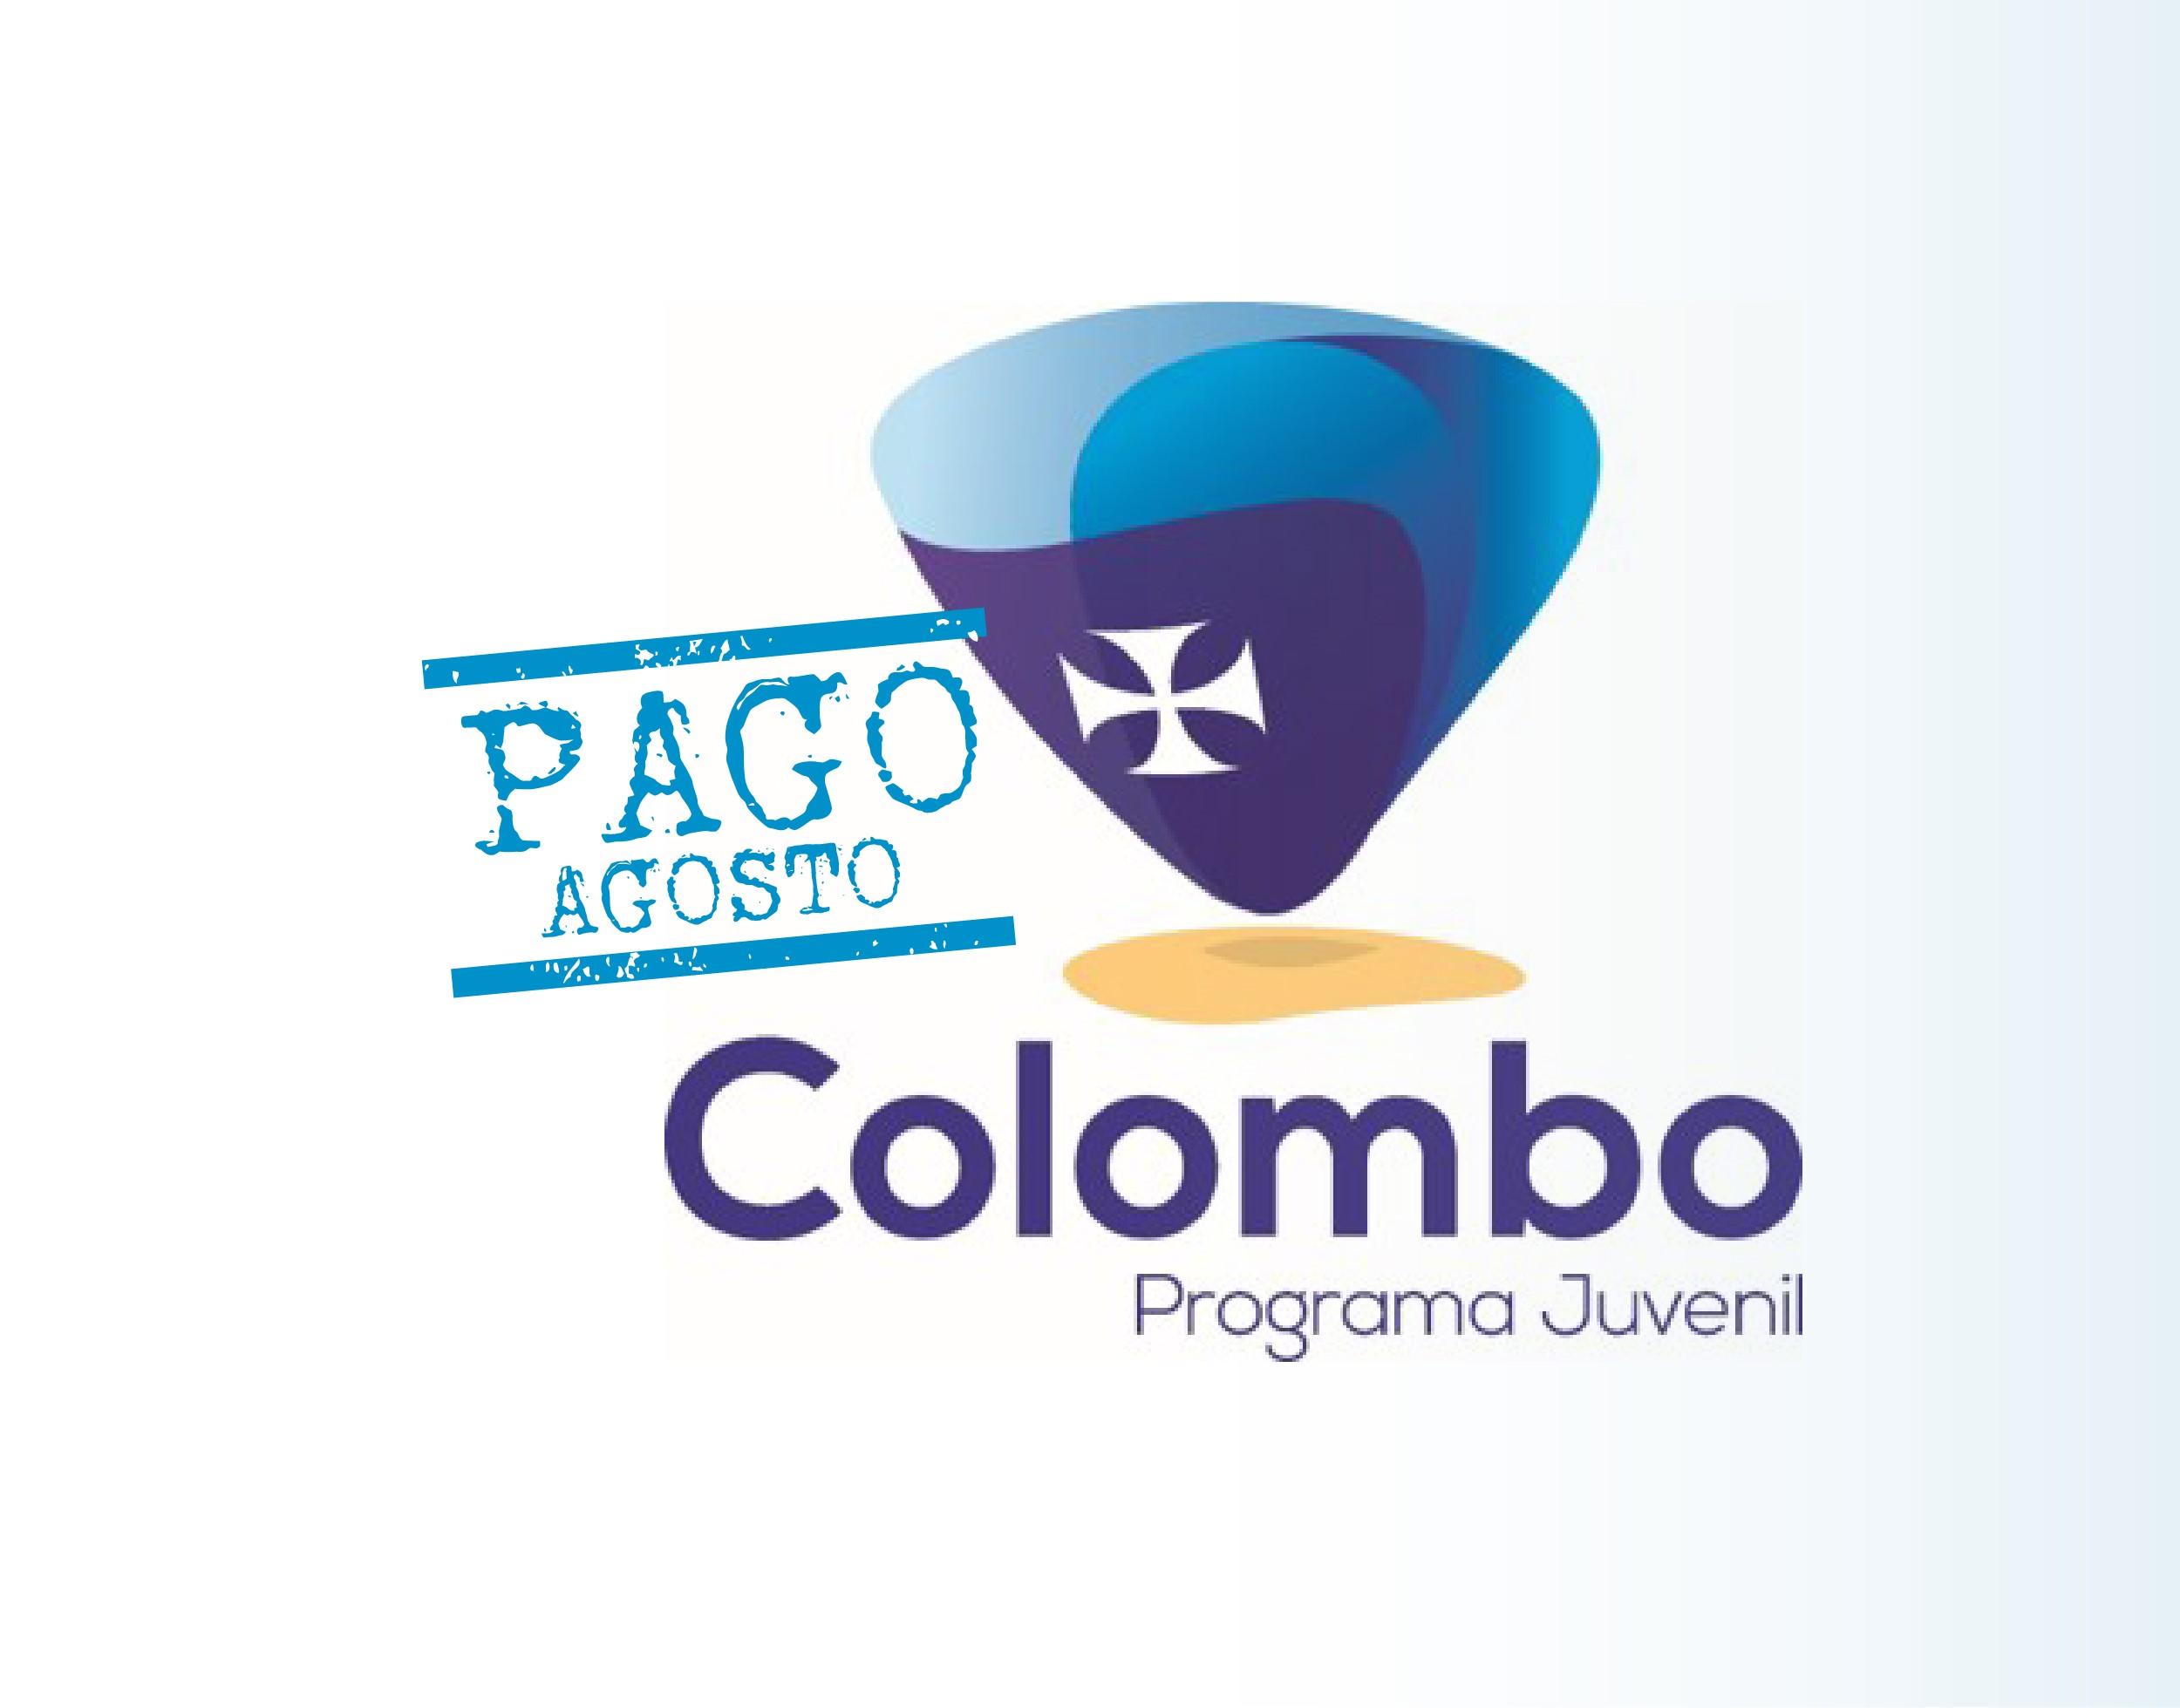 Participaste no Programa Colombo durante o mês de agosto?